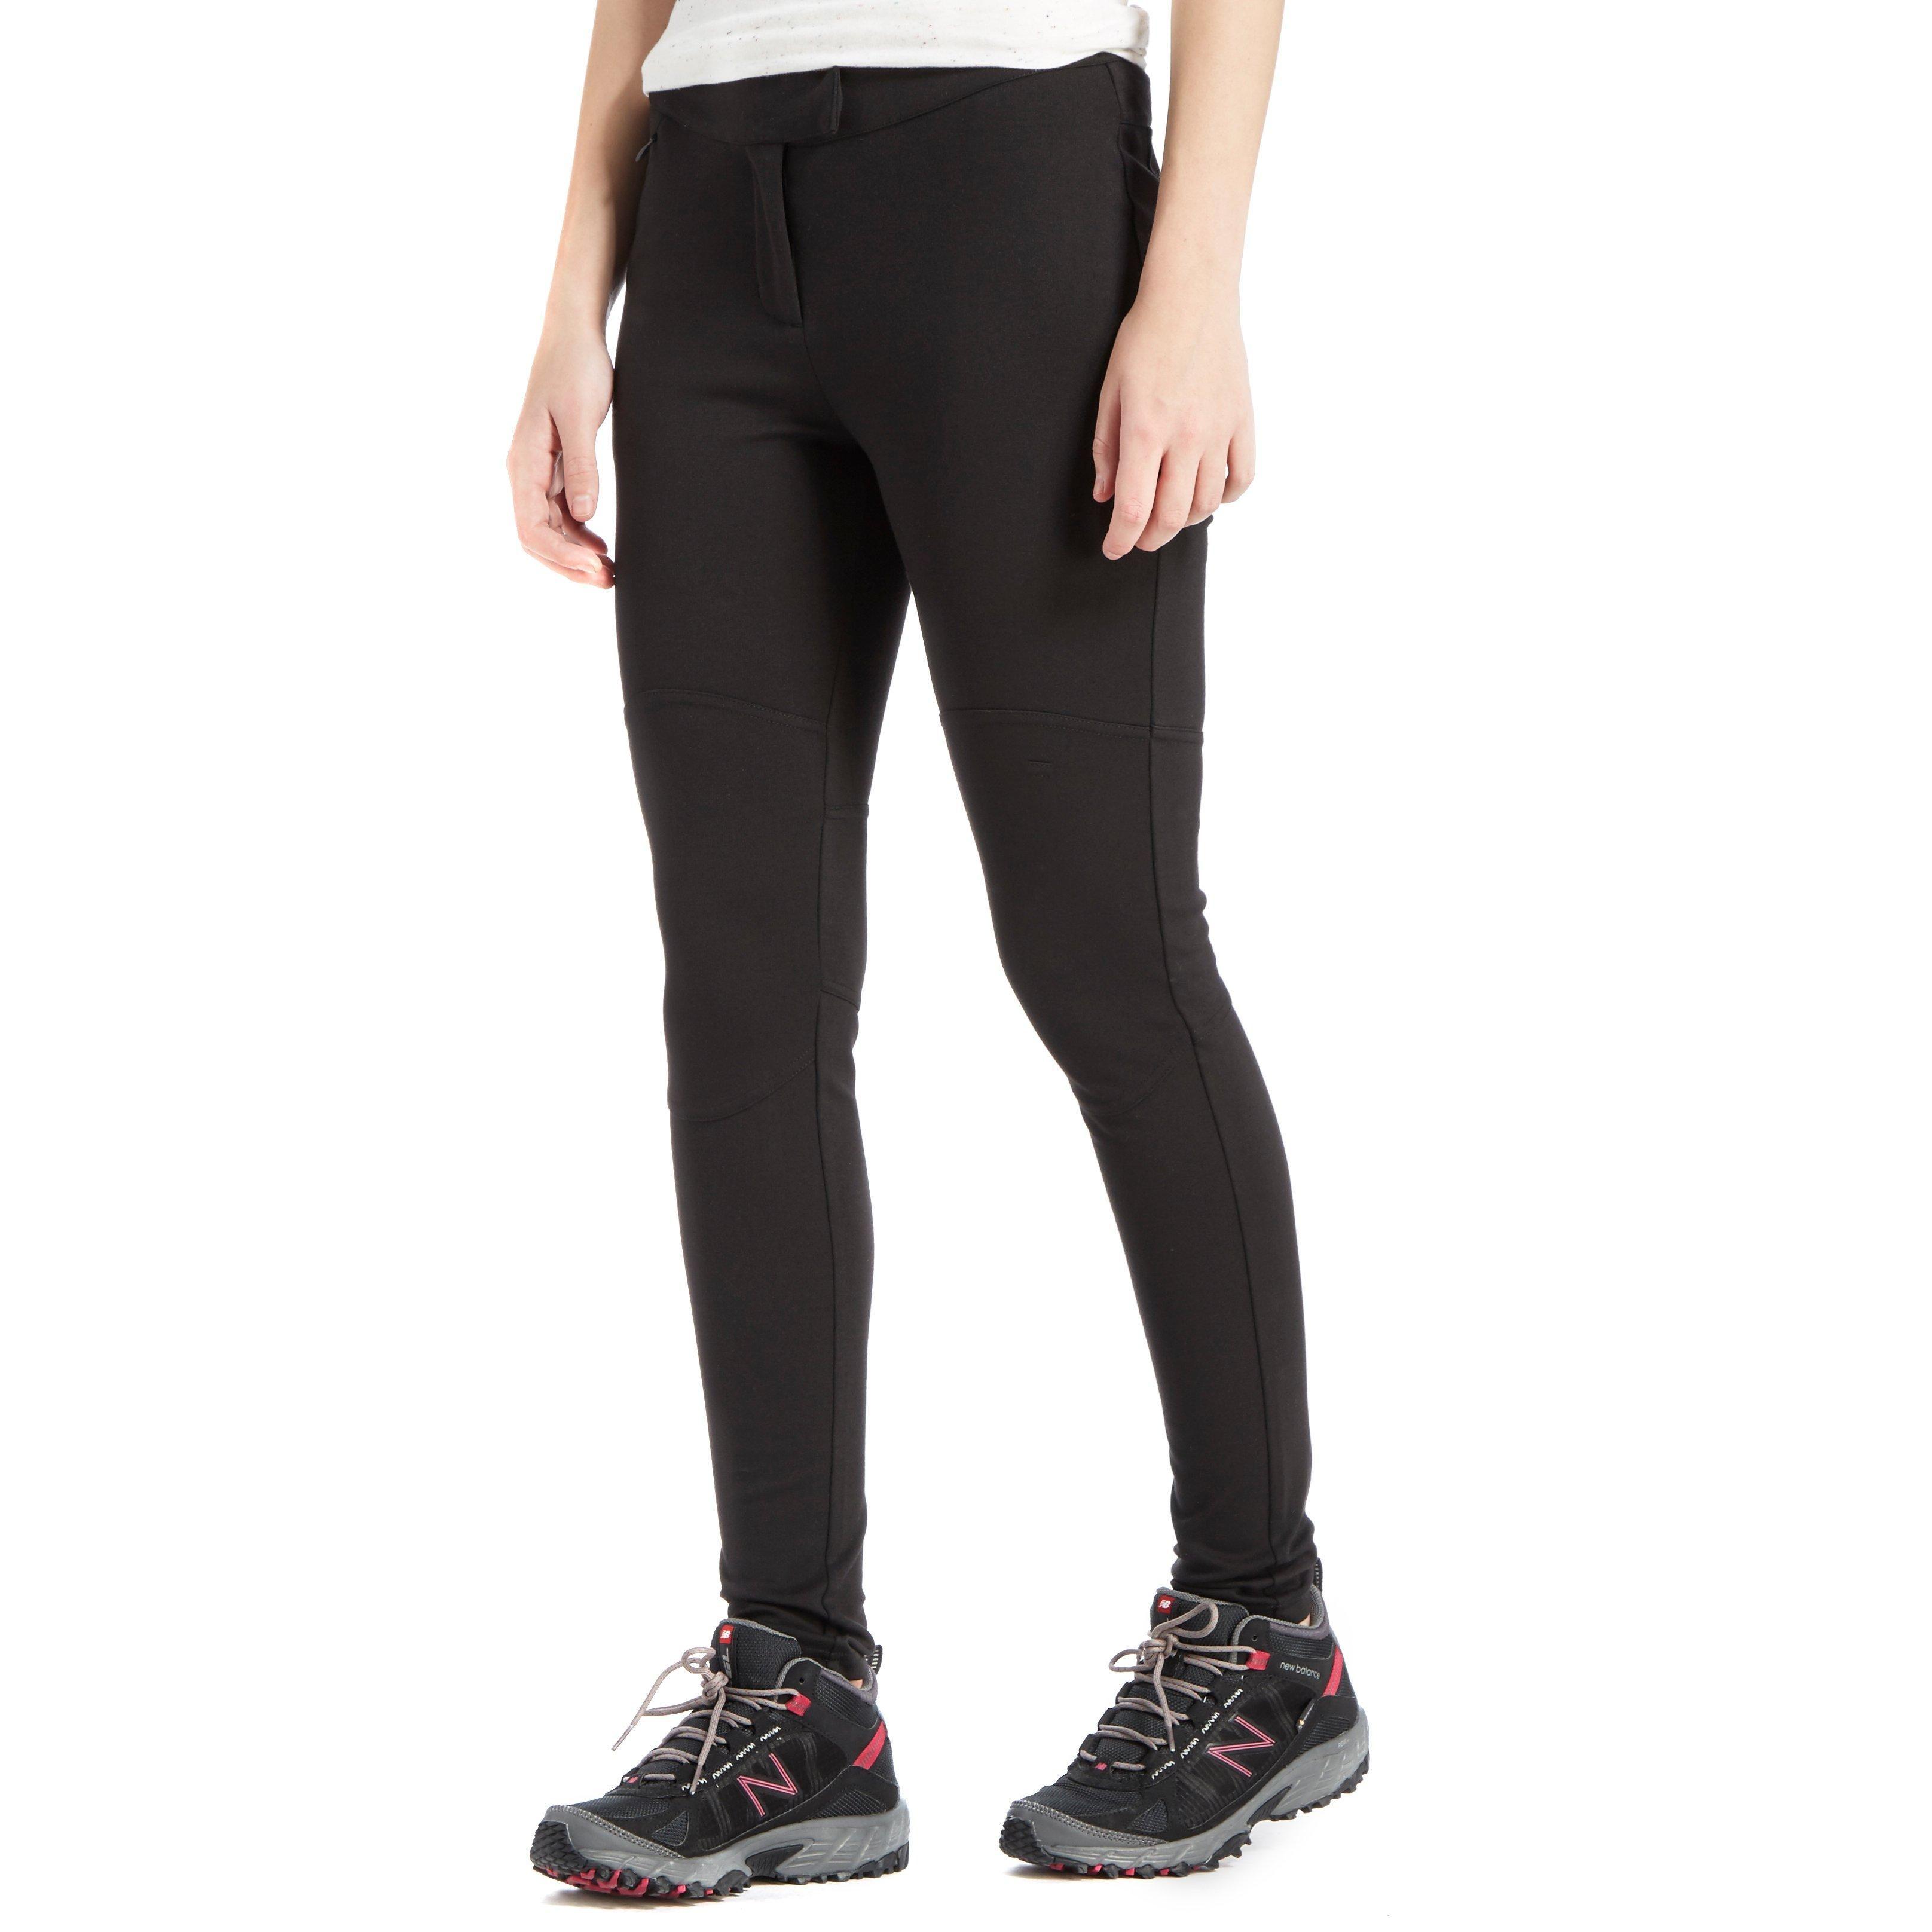 fcf3f913a6 Women's Water Resistant Leggings | My Style | Leggings, Waterproof ...